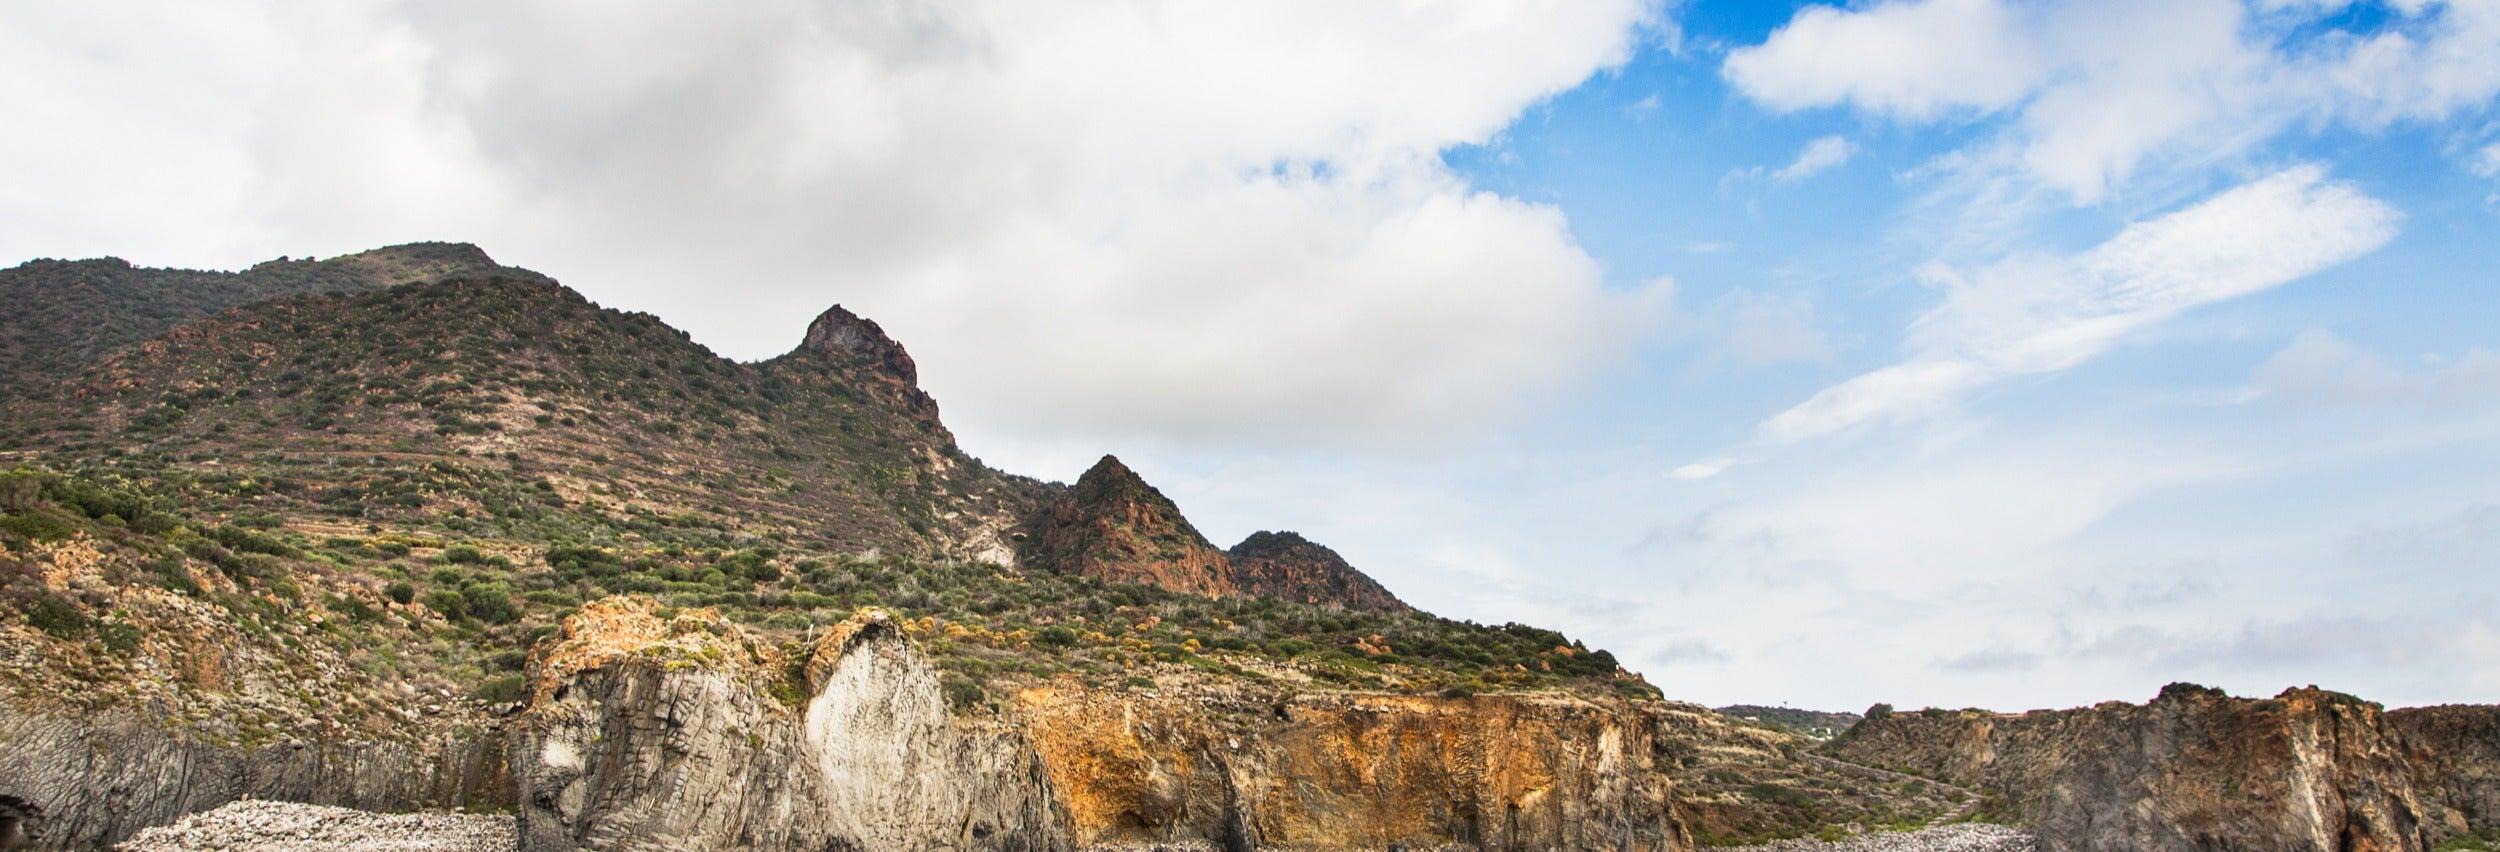 Escursione a Panarea e Stromboli in barca